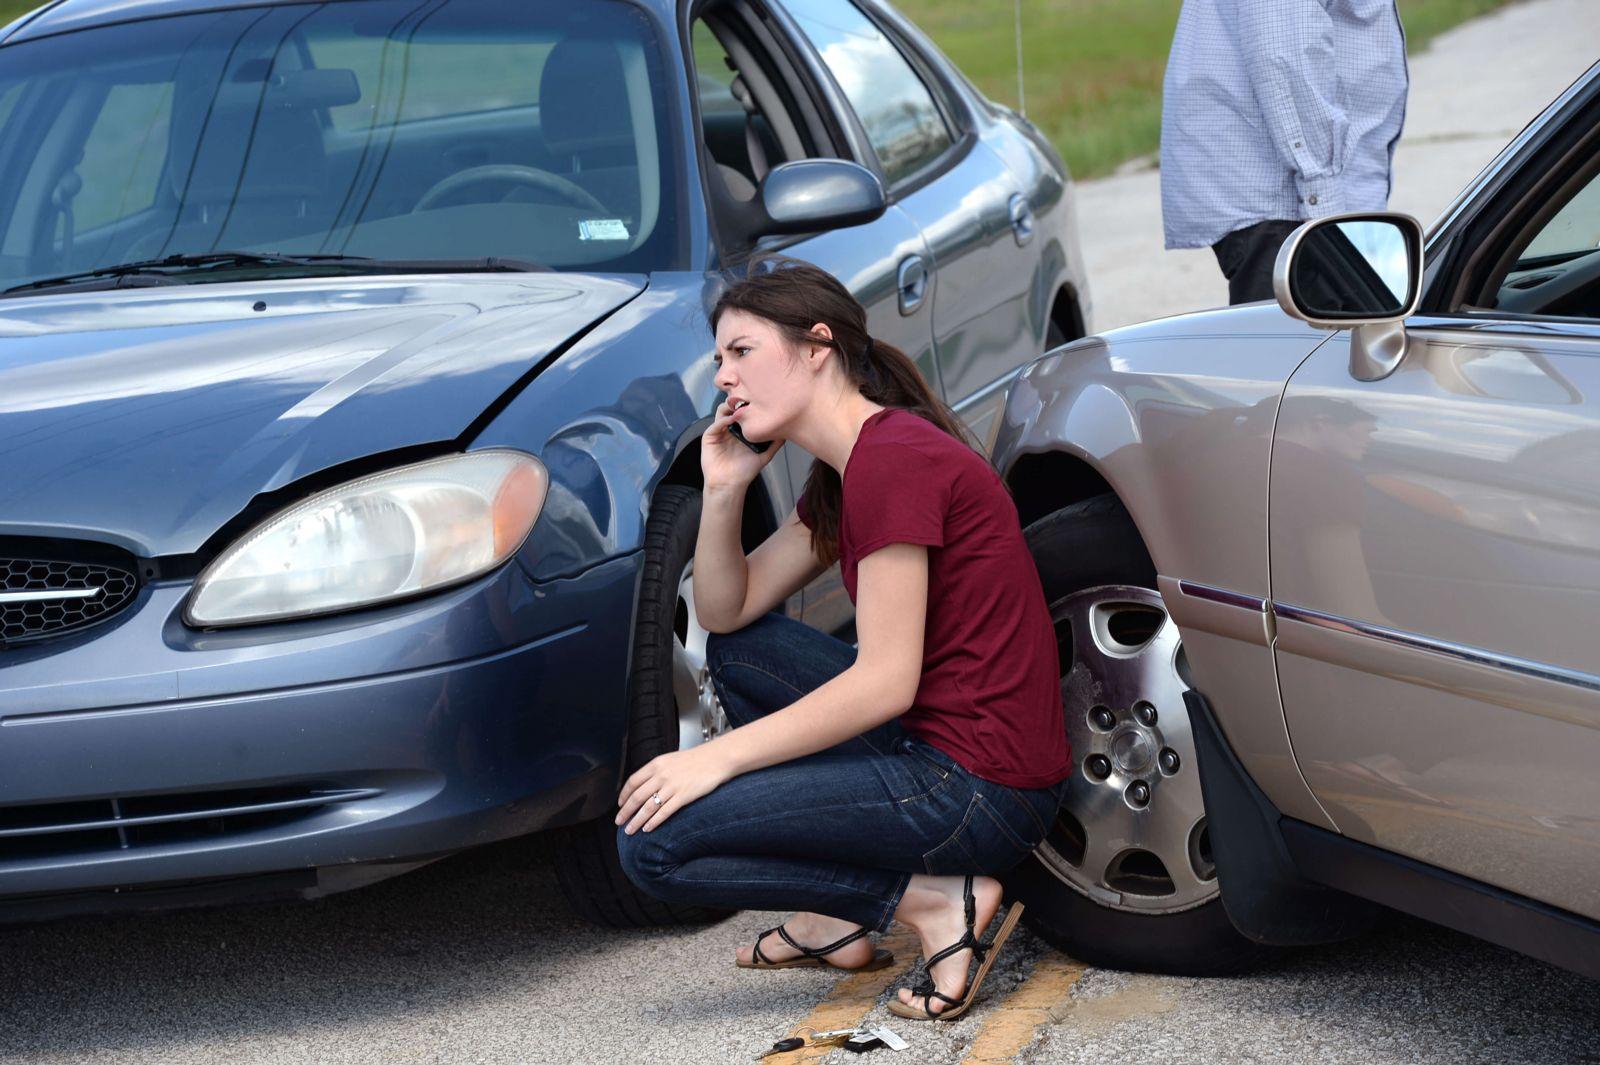 T-Bone Car Accident